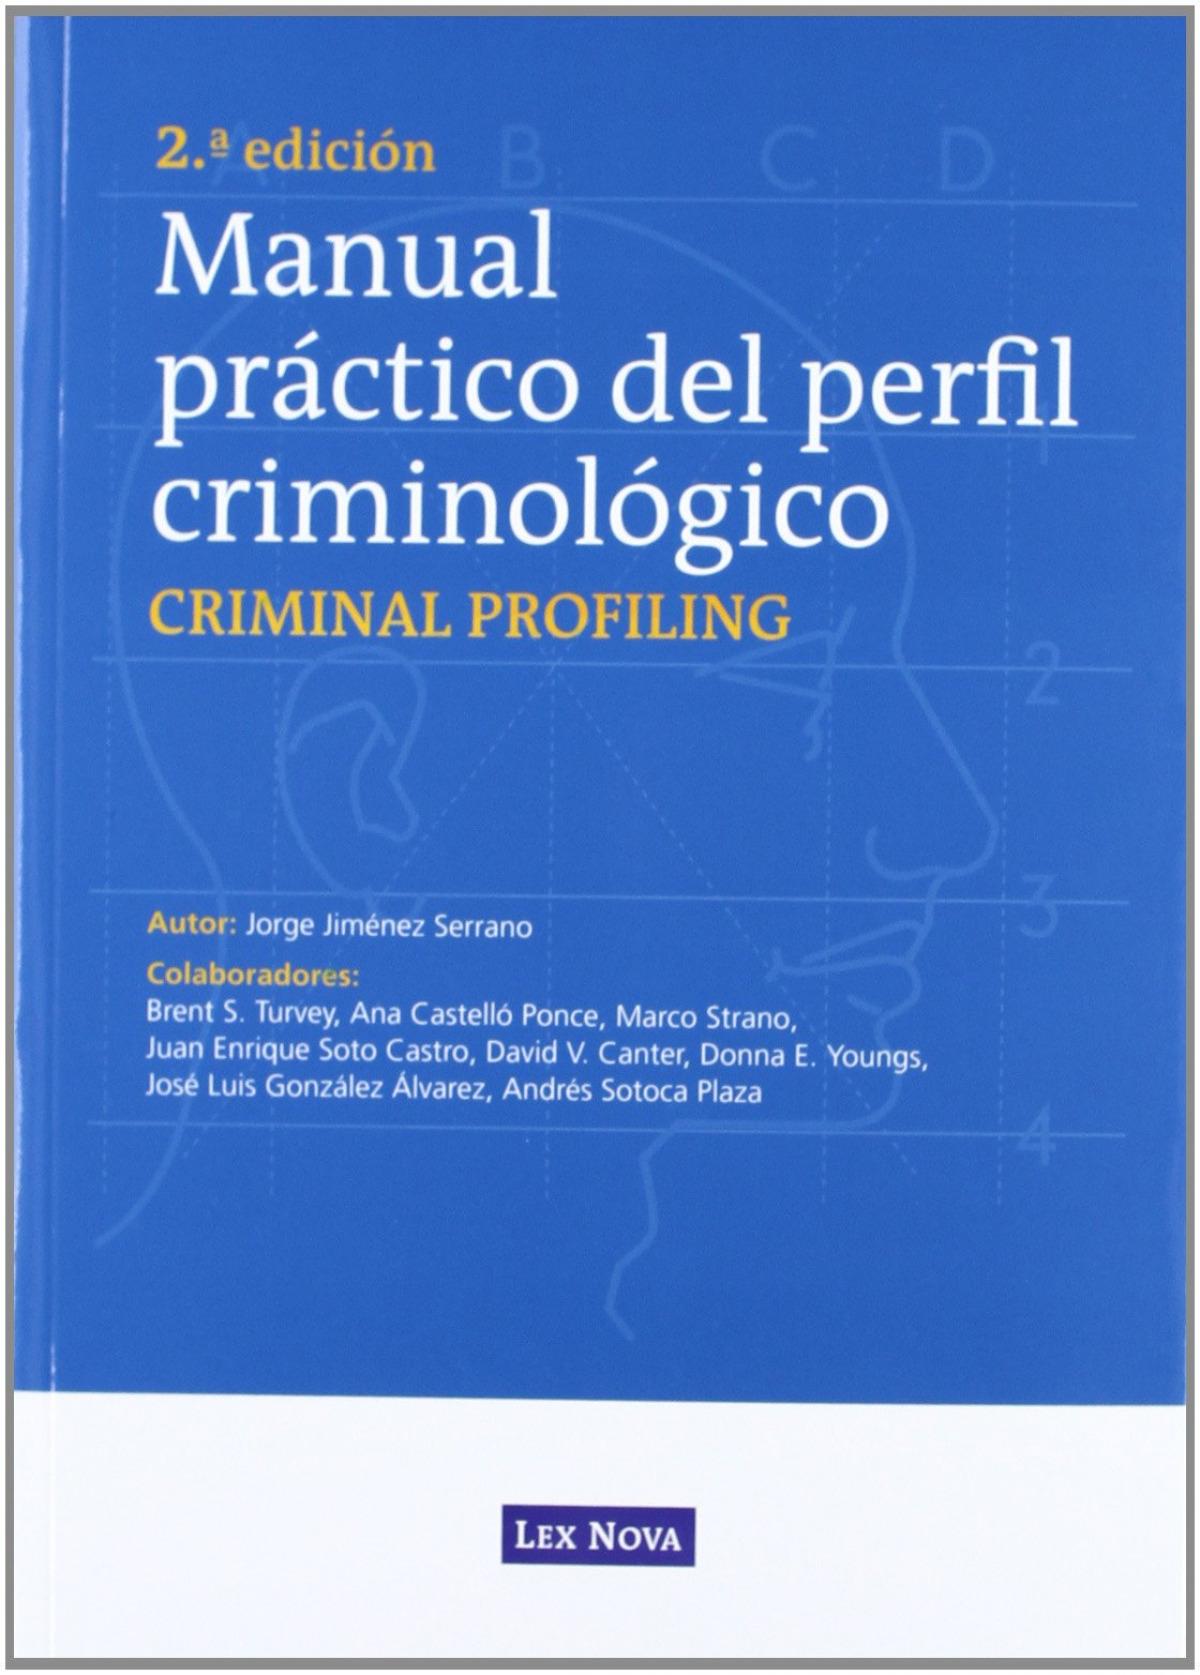 MANUAL PRACTICO DEL PERFIL CRIMONOLOGICO